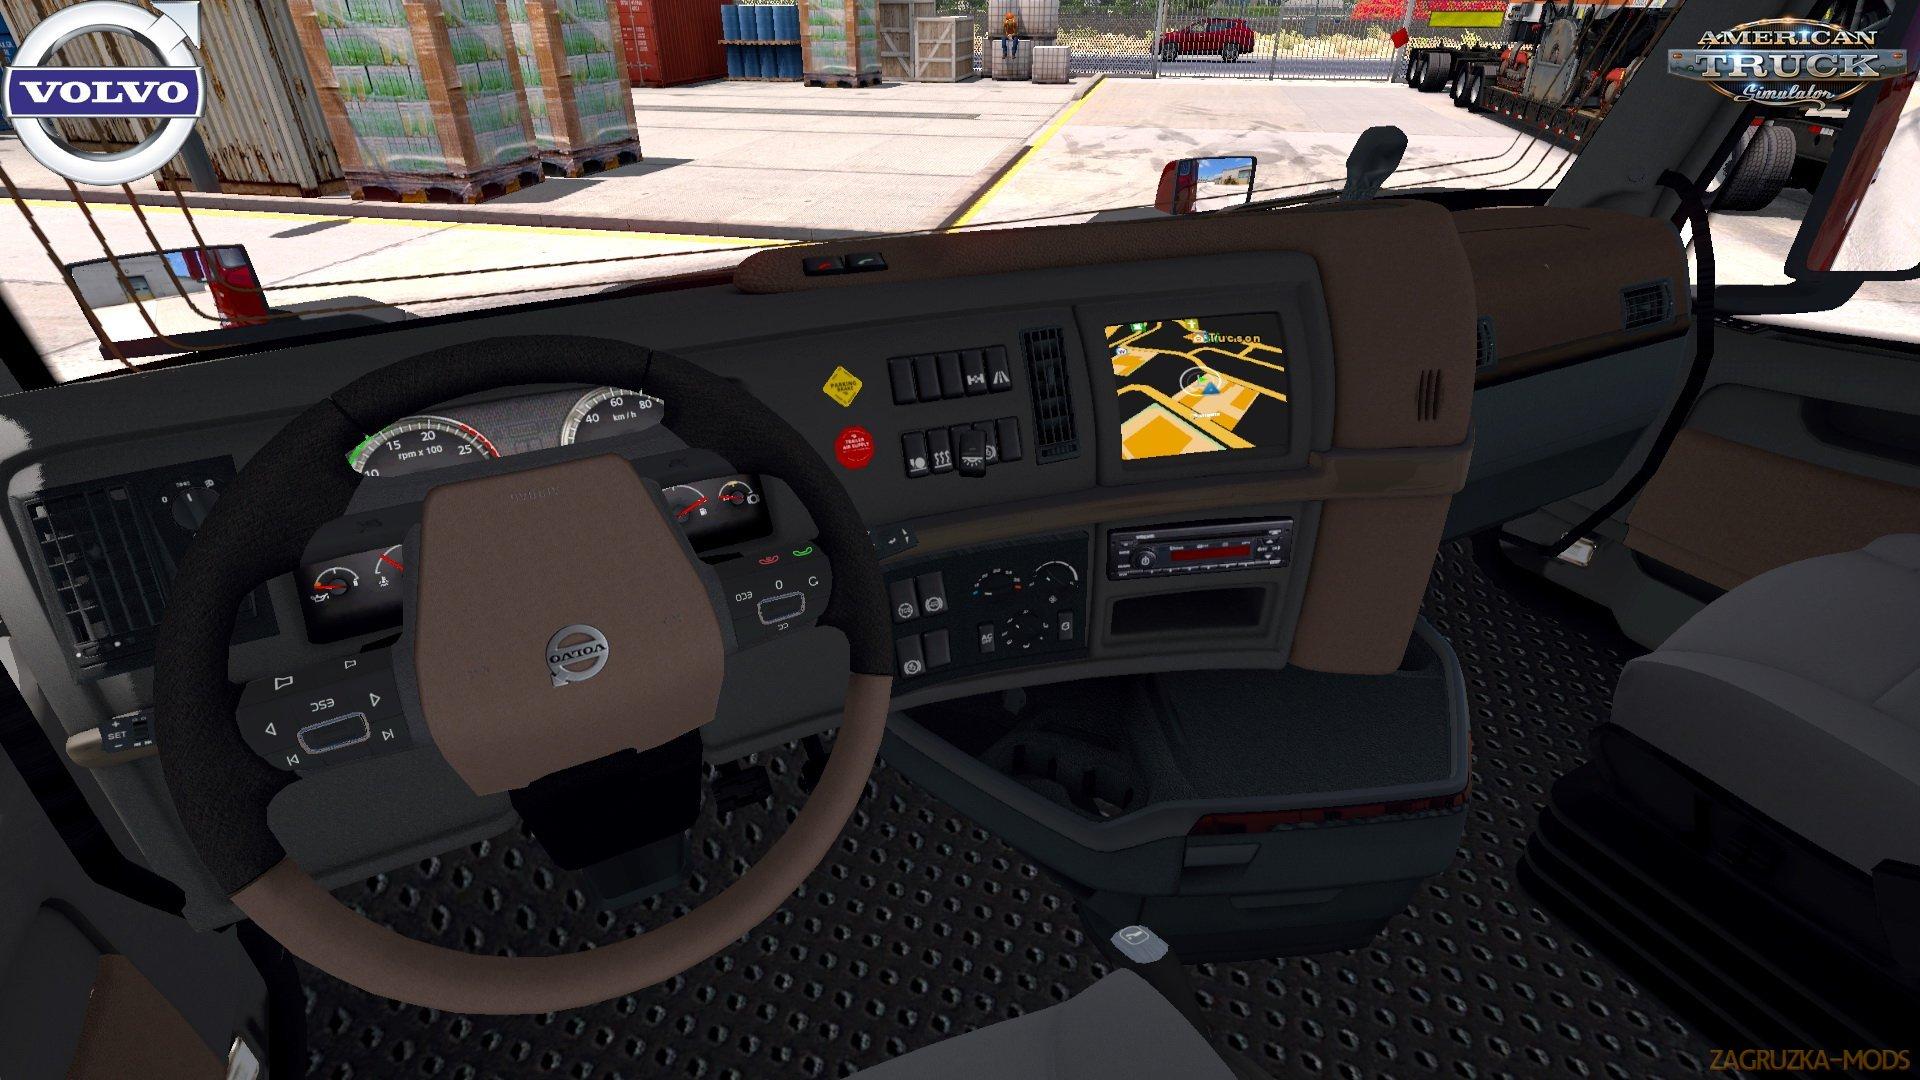 Volvo VNL 2018 + Interior v1.20 Edit by galimim (1.35.x) for ATS